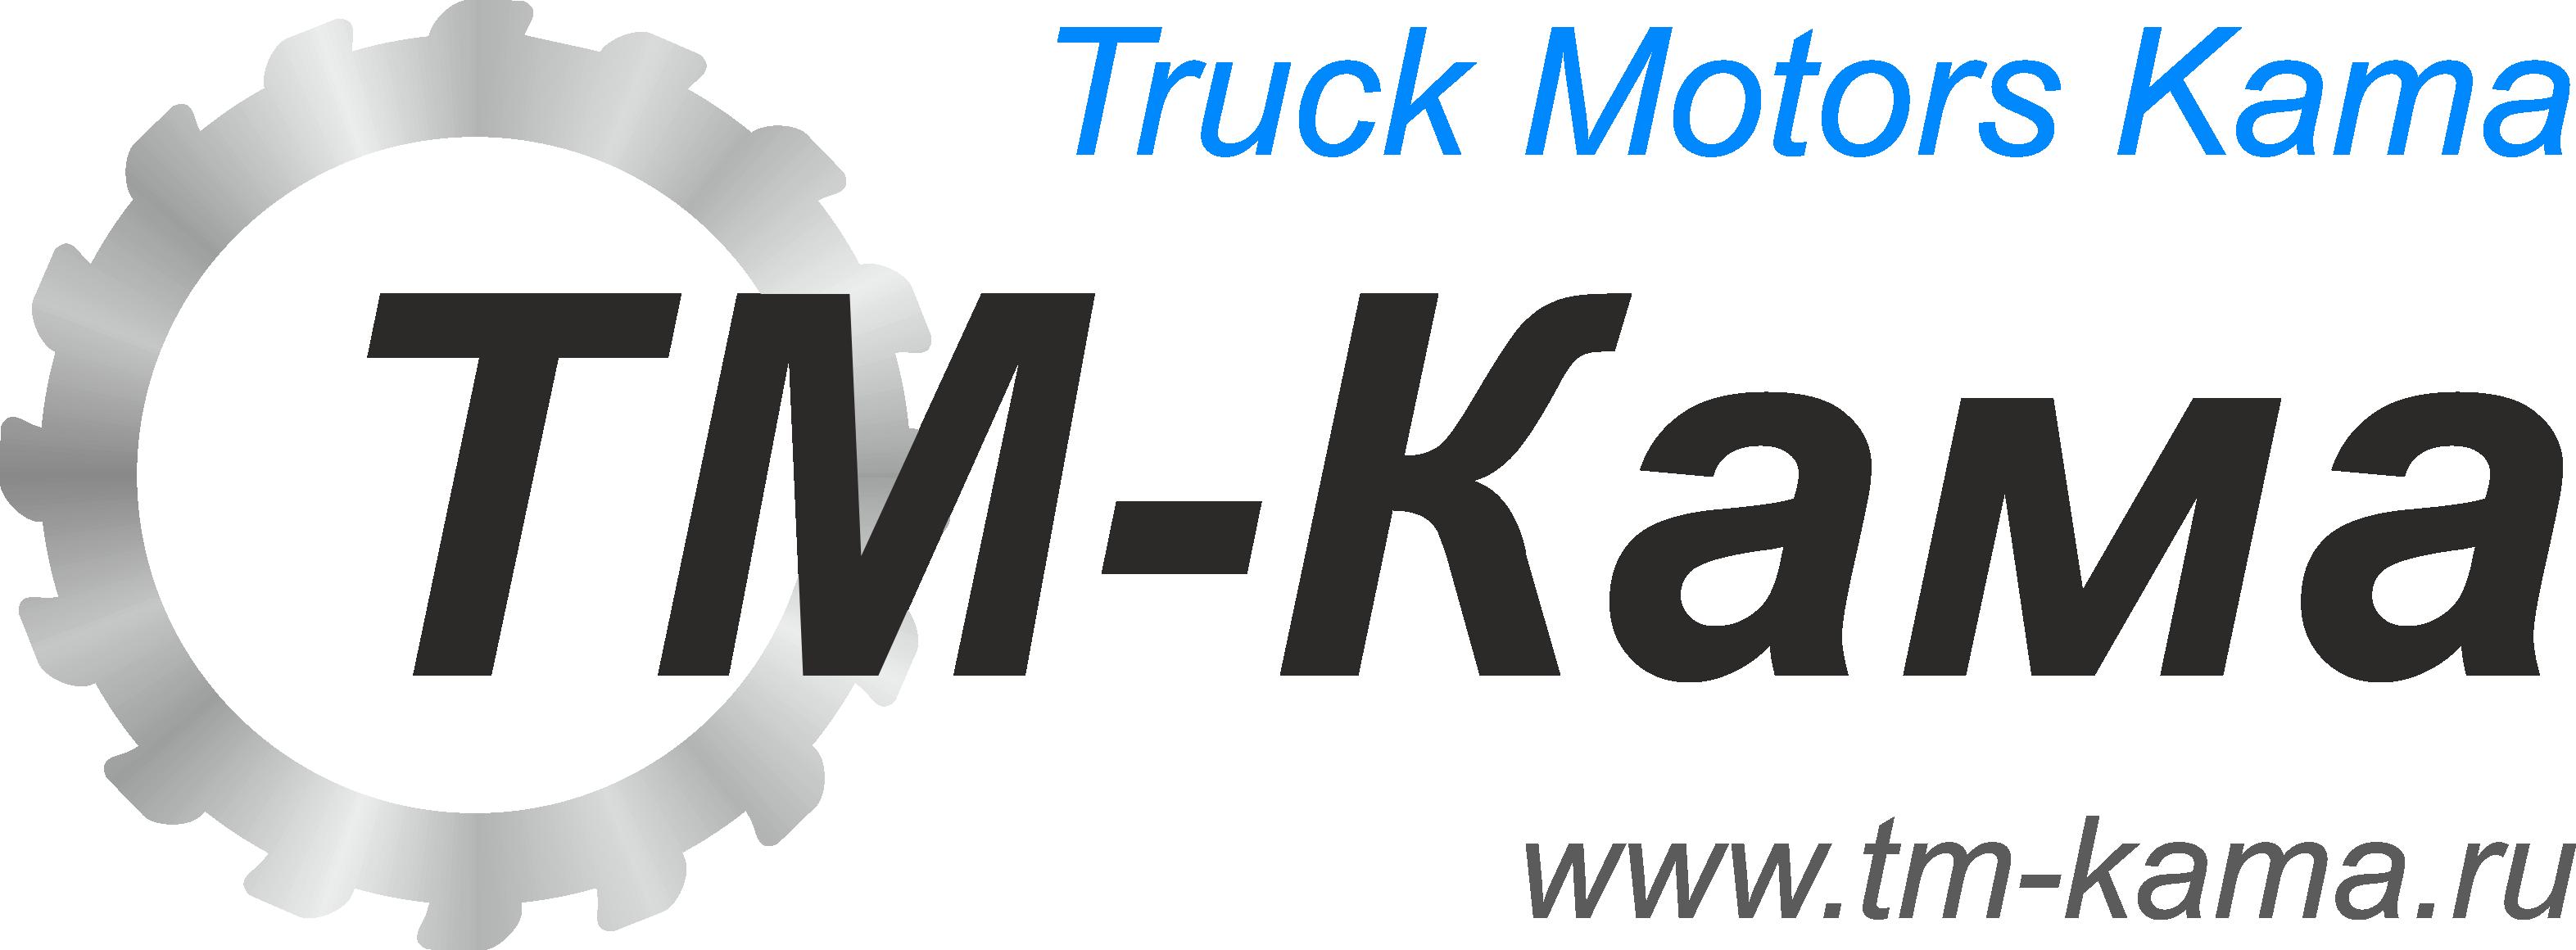 ООО «Truck Motors Kama»